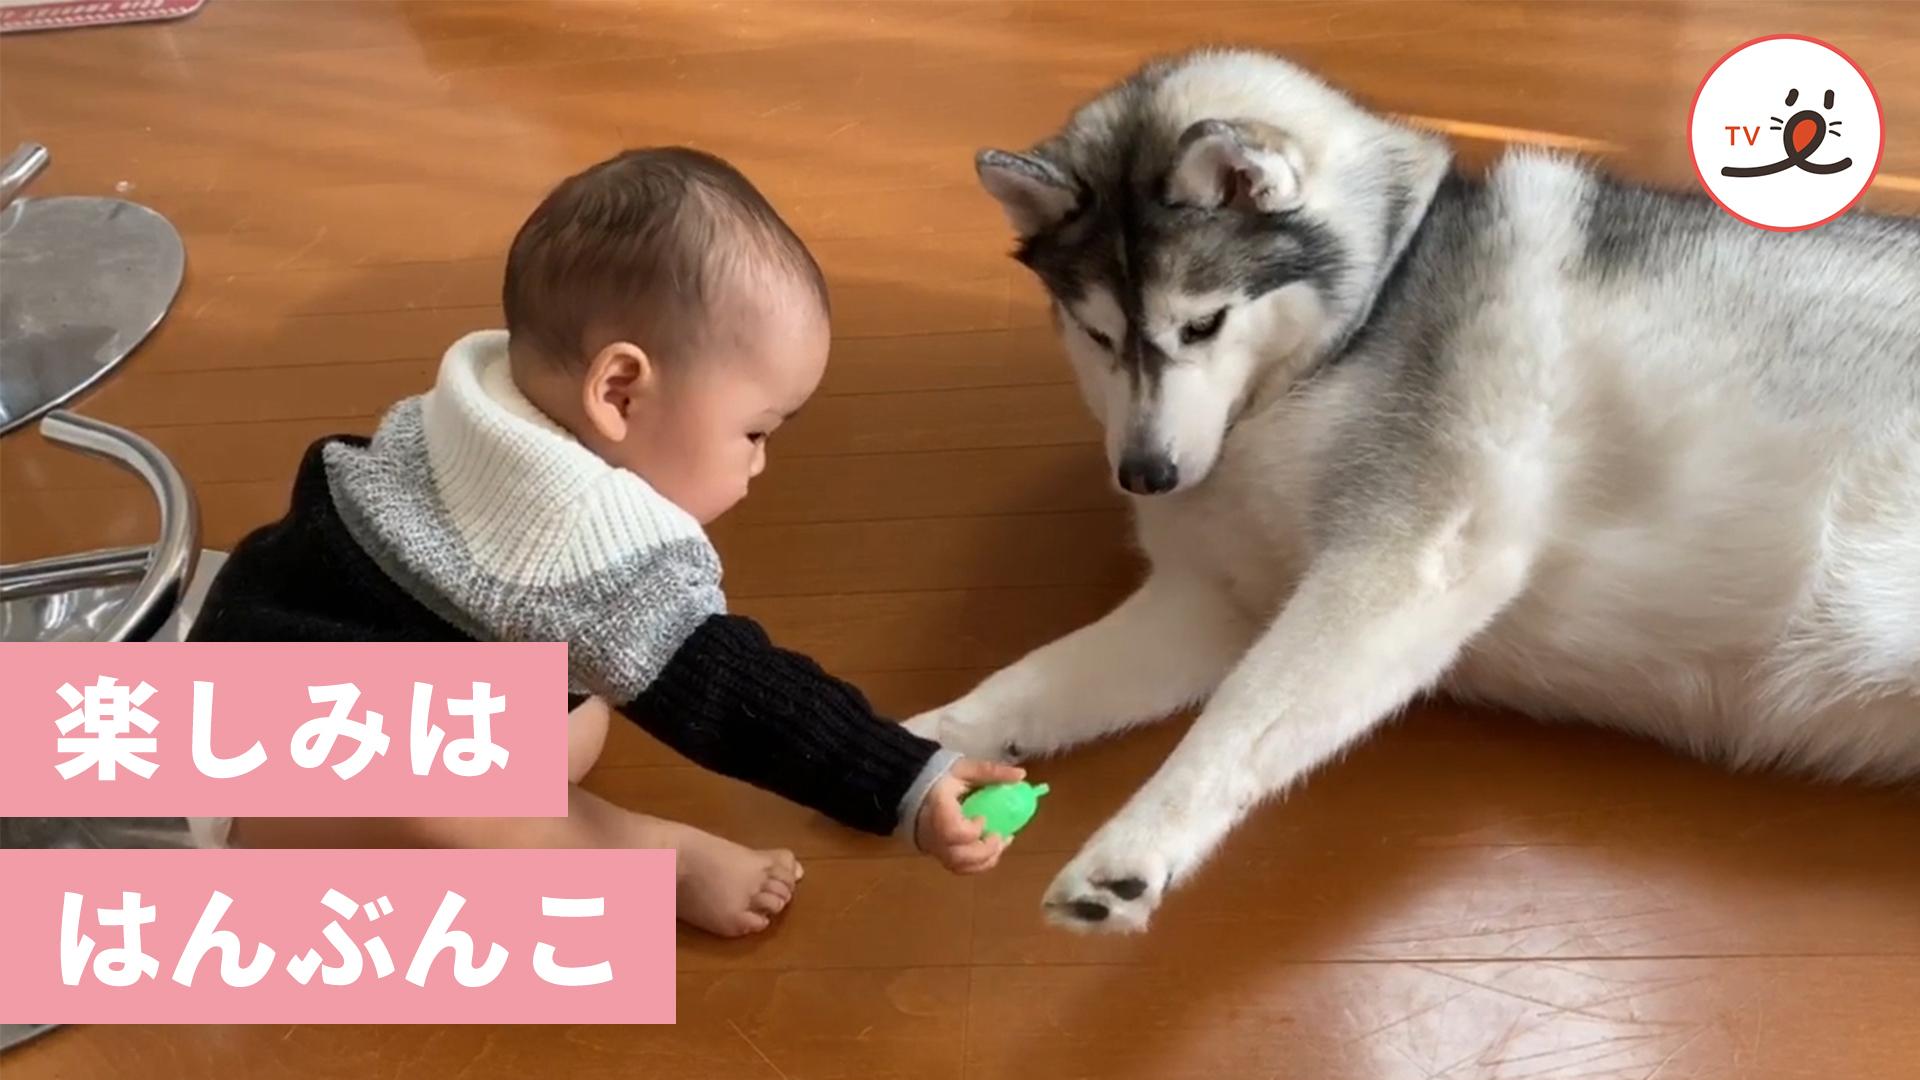 赤ちゃんと優しいハスキーさんの、ひとつのおもちゃをめぐるやりとりに…😚💕